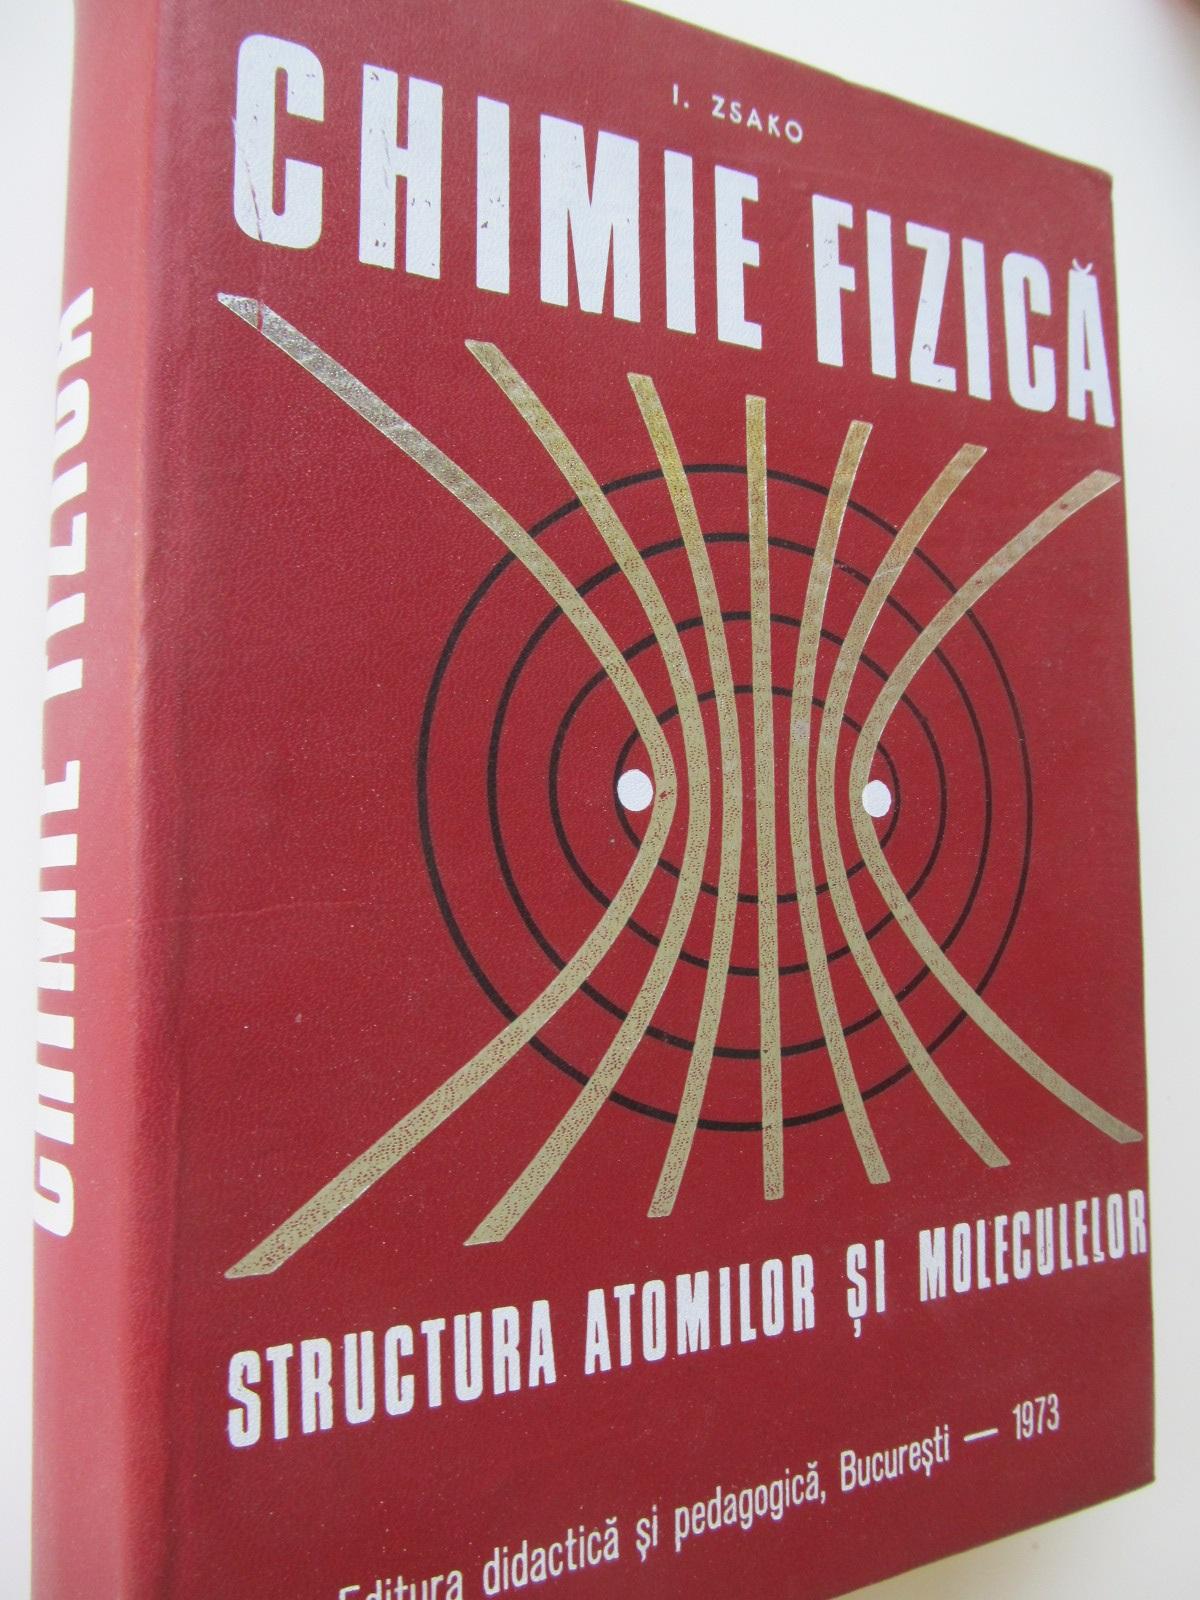 Chimie fizica - Structura atomilor si moleculelor - I. Zsako   Detalii carte